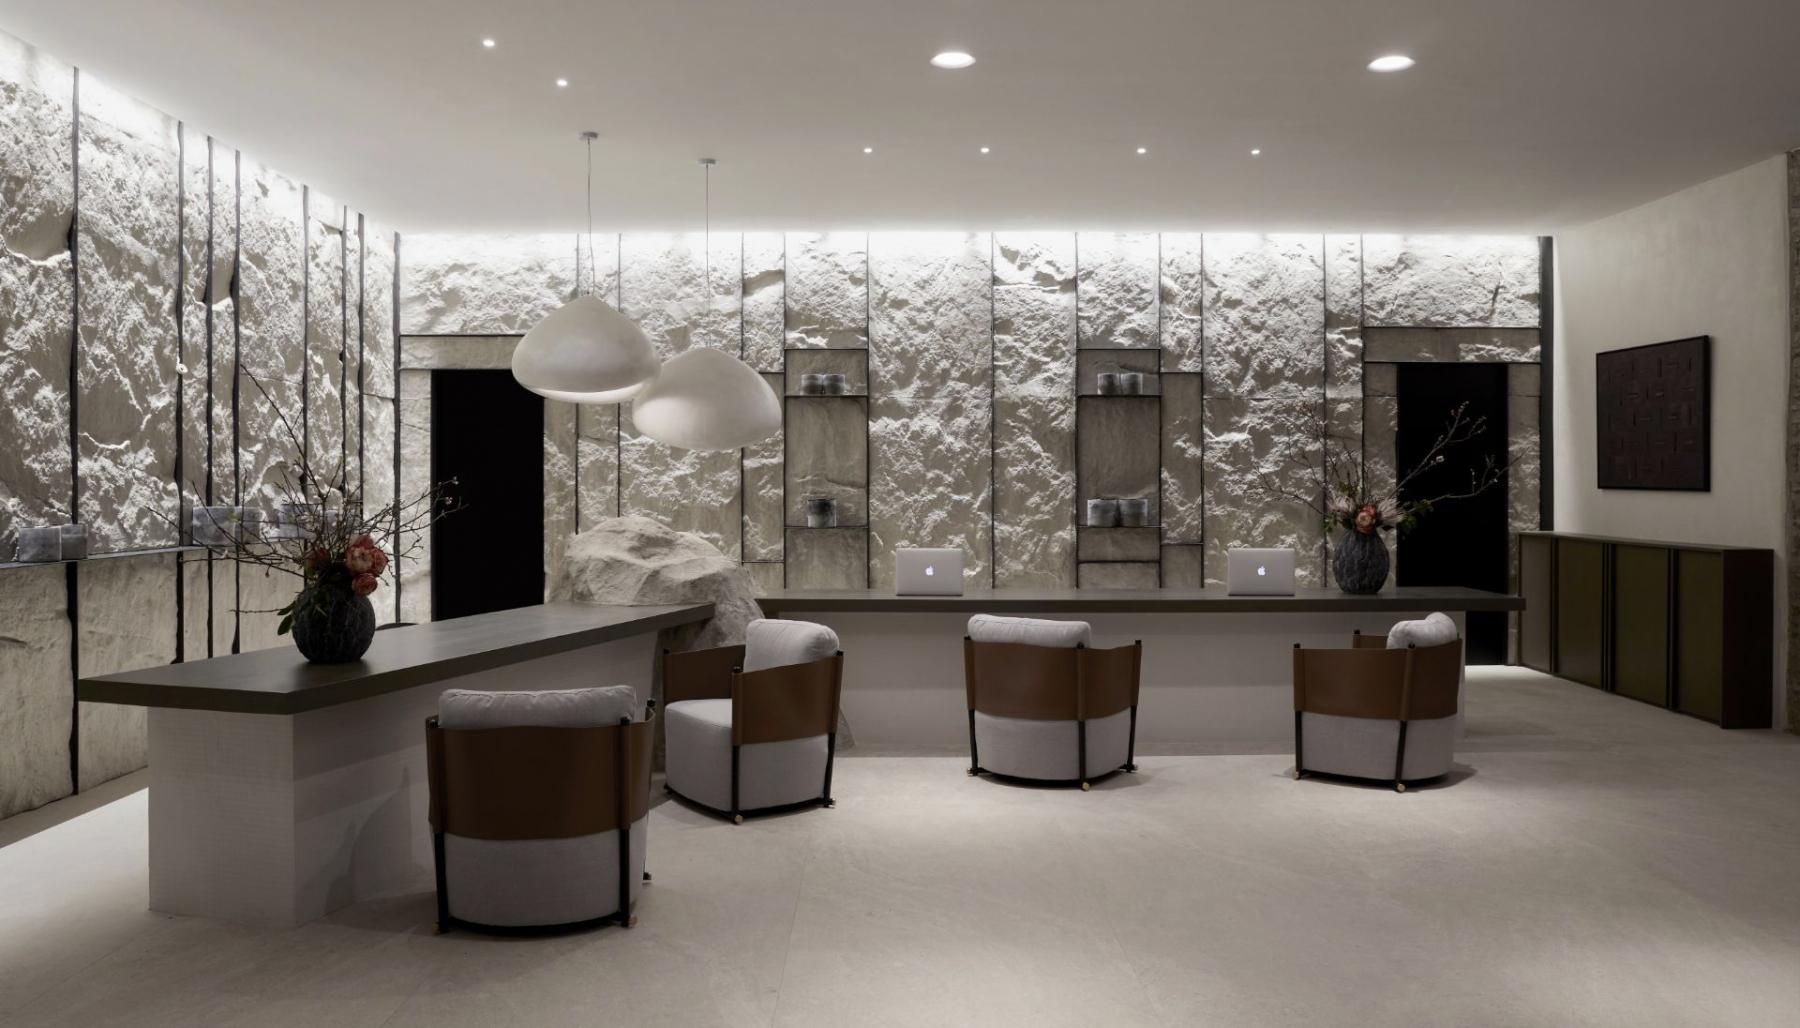 2_Hall-Aeonic-Suites-Spa-Luxury-Hotel-Mykonos-98